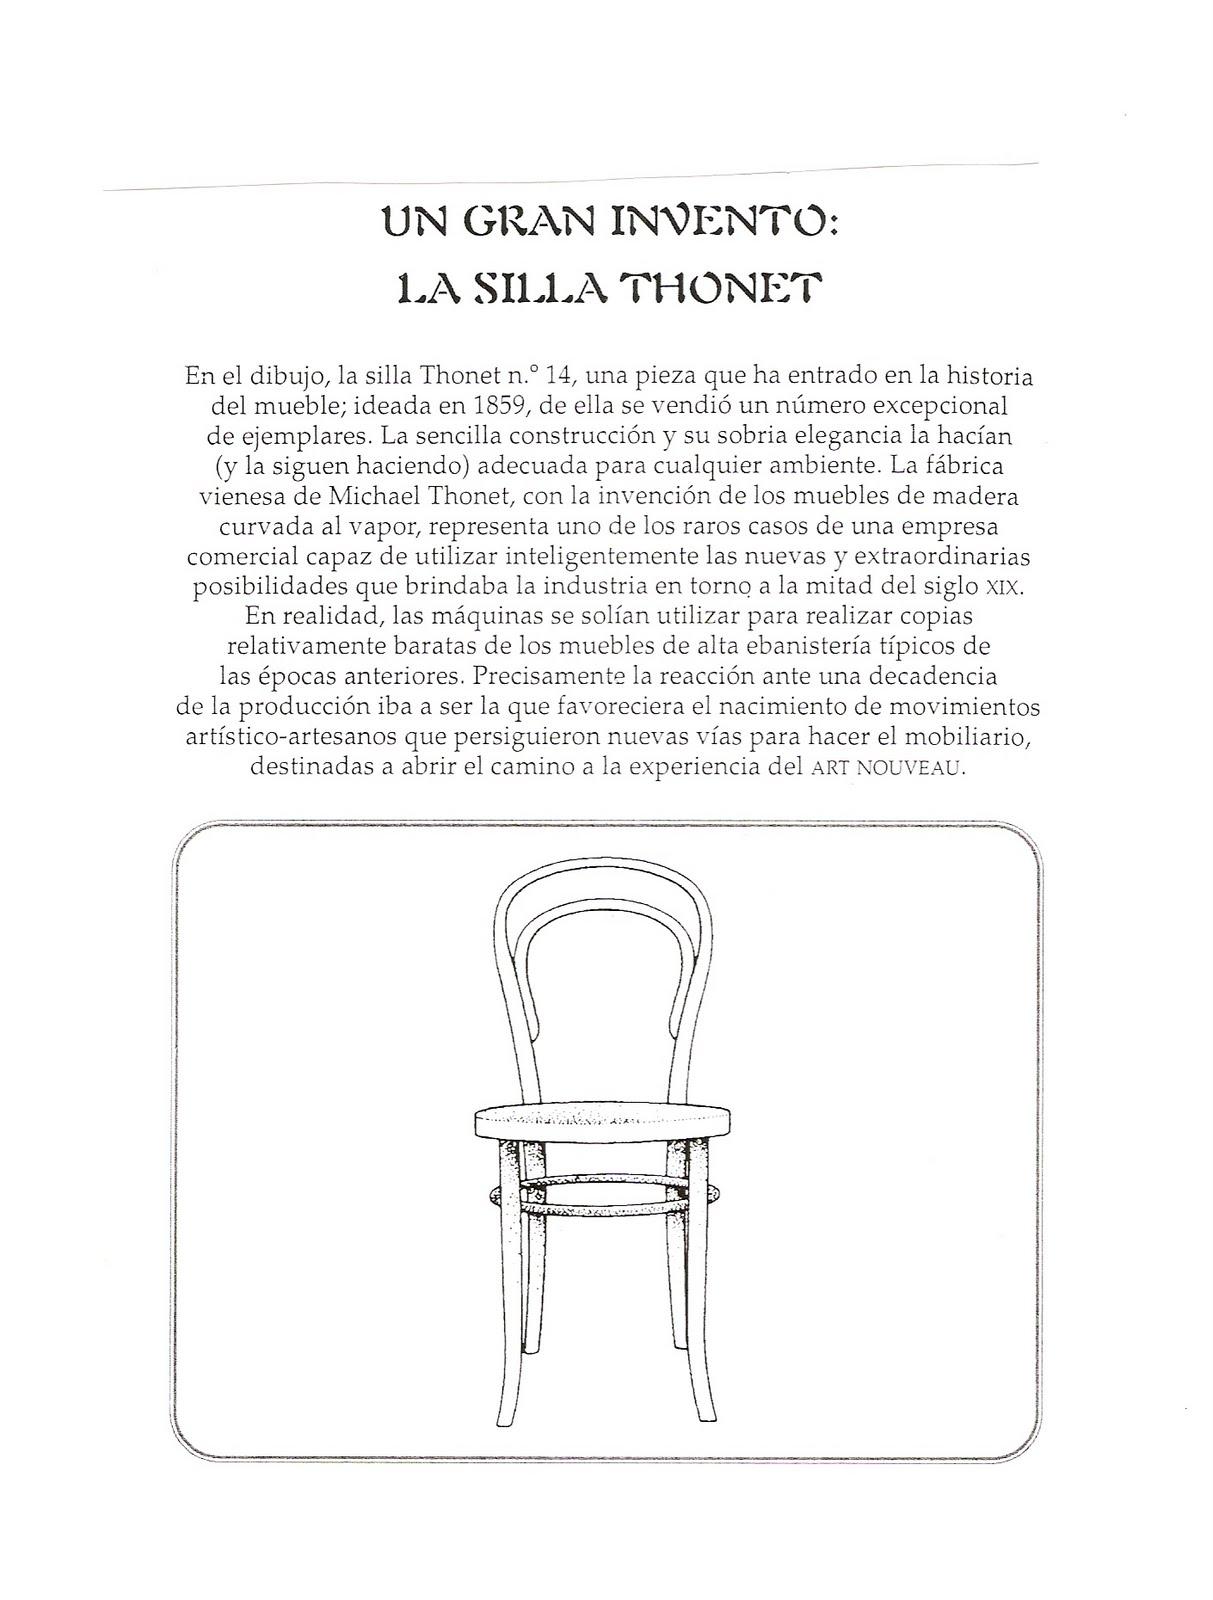 Historia del mueble te lo decoro todo for Historia del mueble pdf